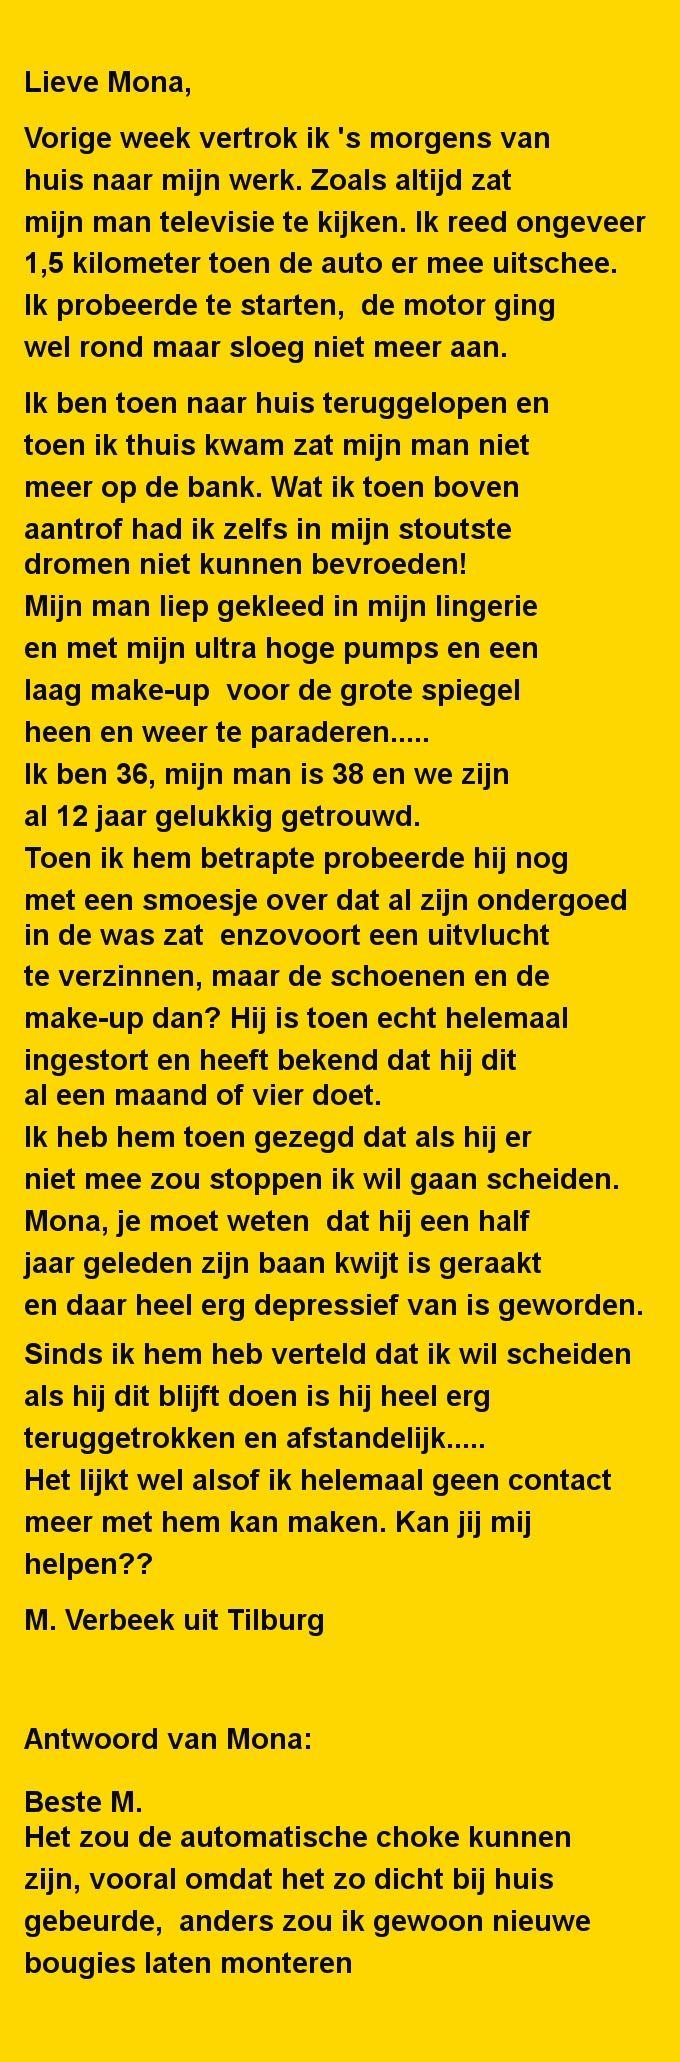 Lieve Mona - Zieer.nl